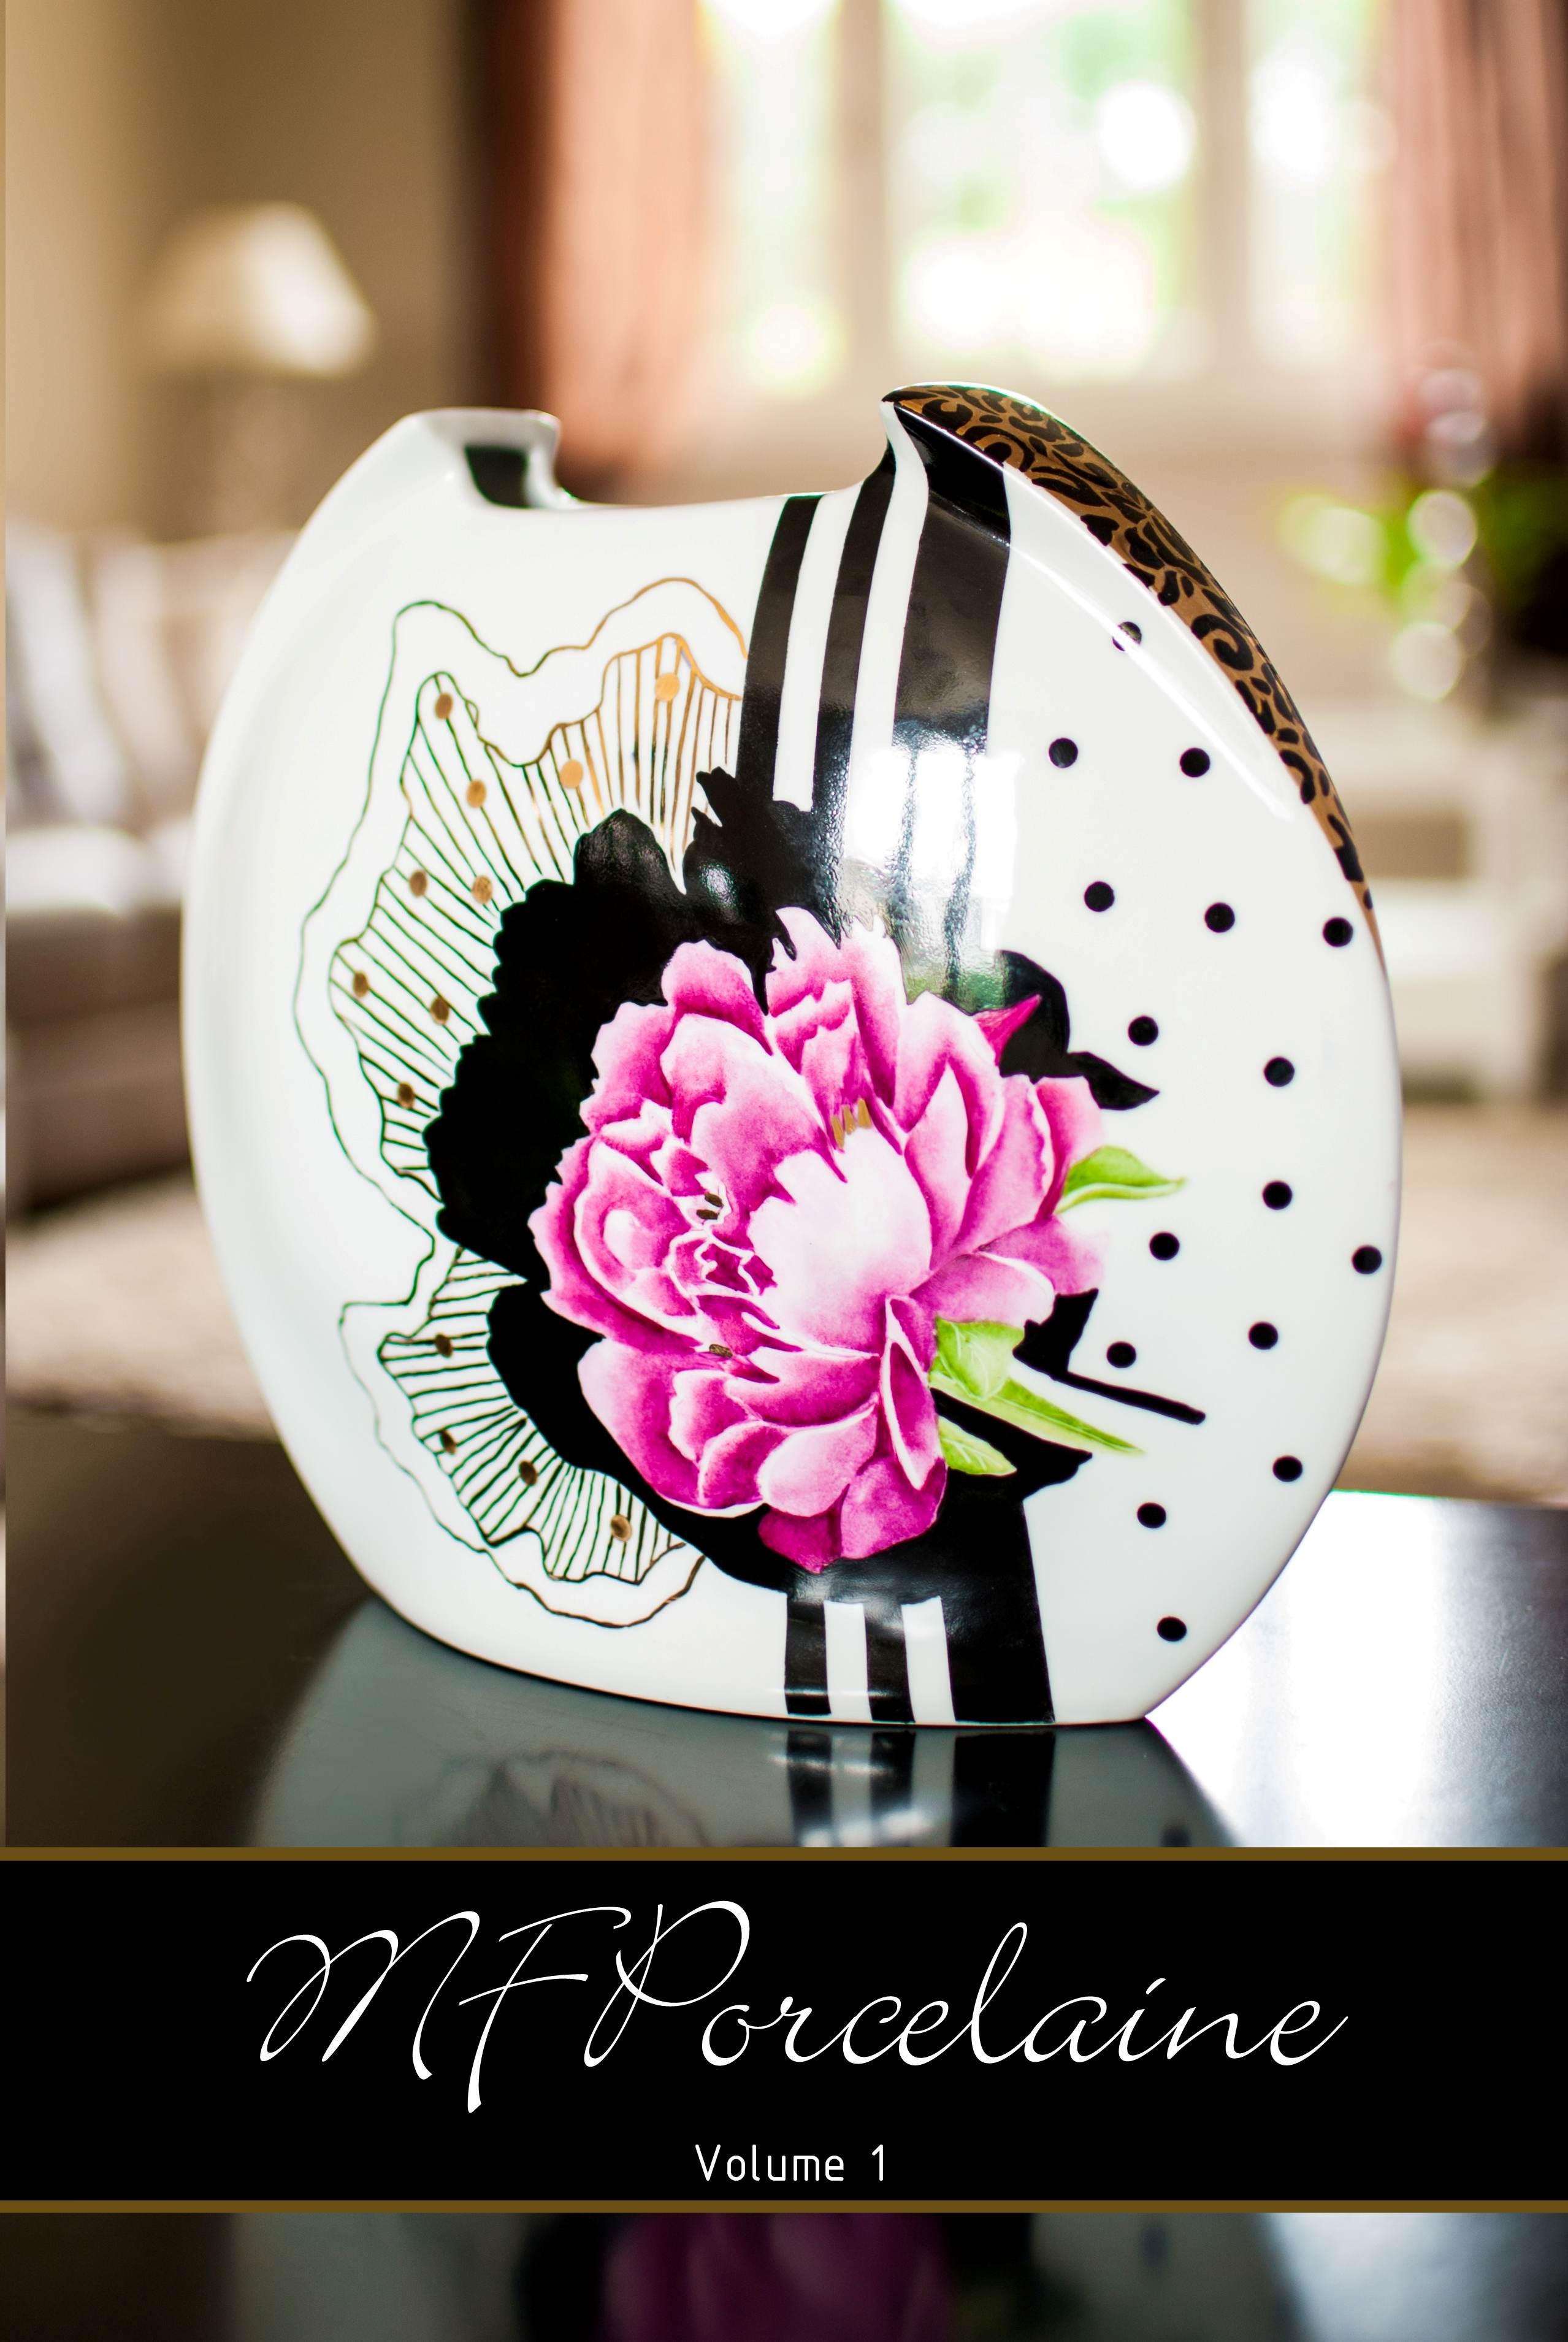 Boutique mfporcelaine lyon porcelaine blanche vente - Salon porcelaine lyon ...